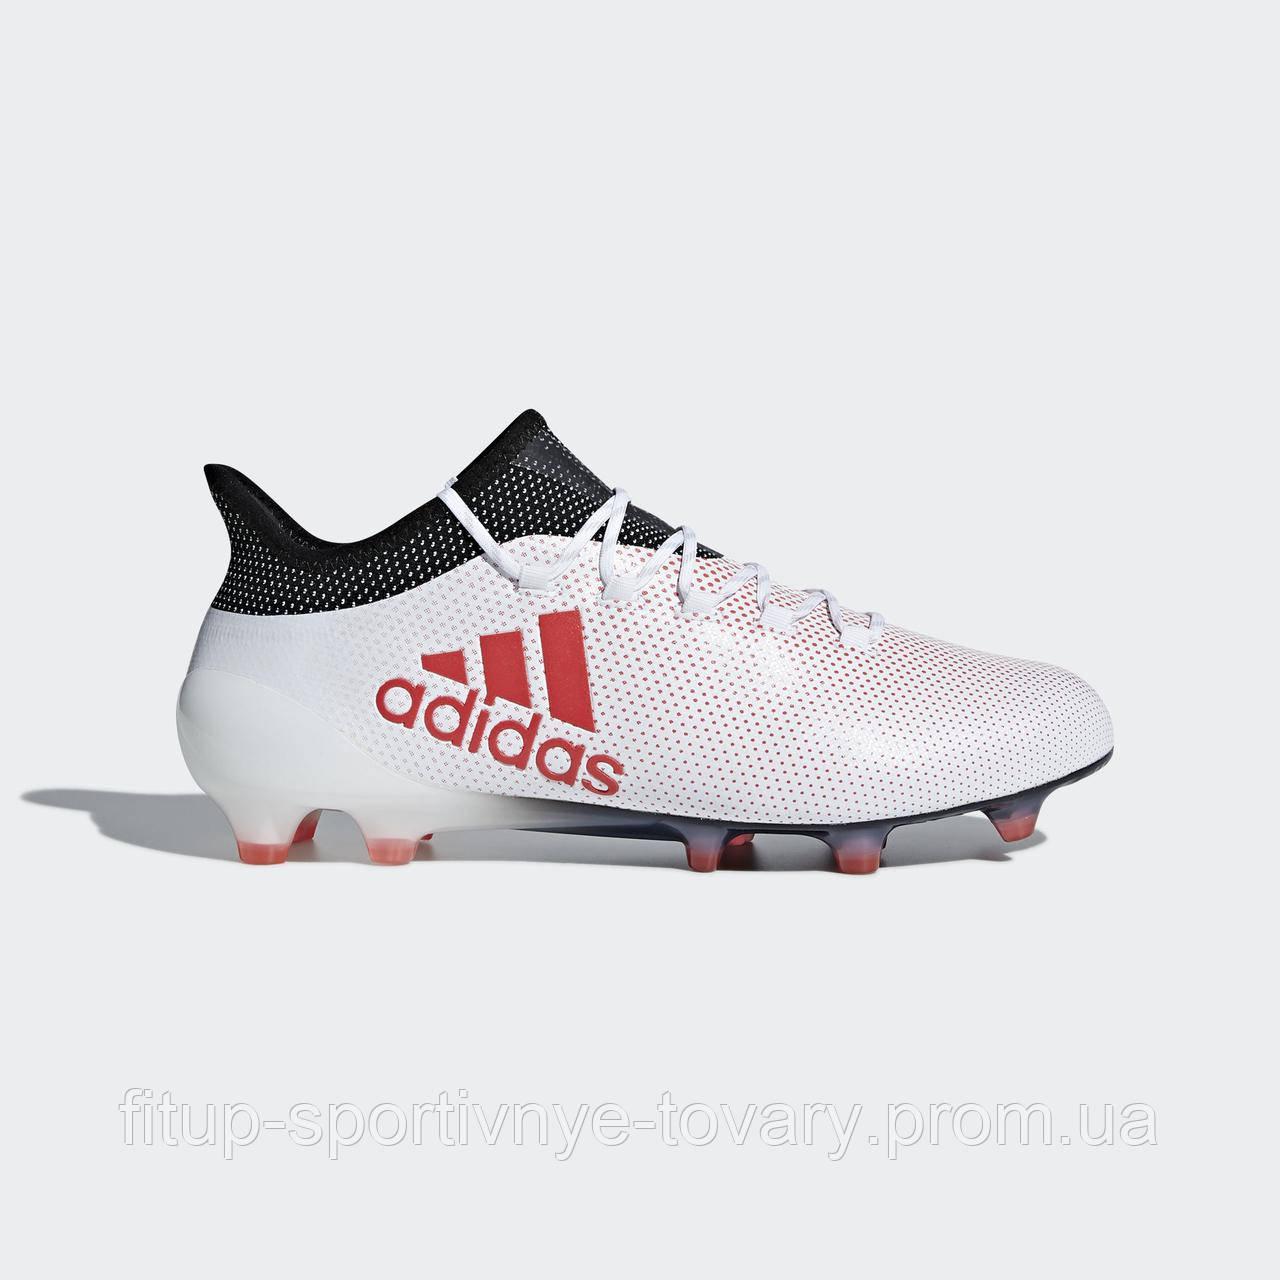 4acbbaf0 Бутсы Adidas X 17.1 FG CP9161, цена 6 490 грн., купить в Киеве ...